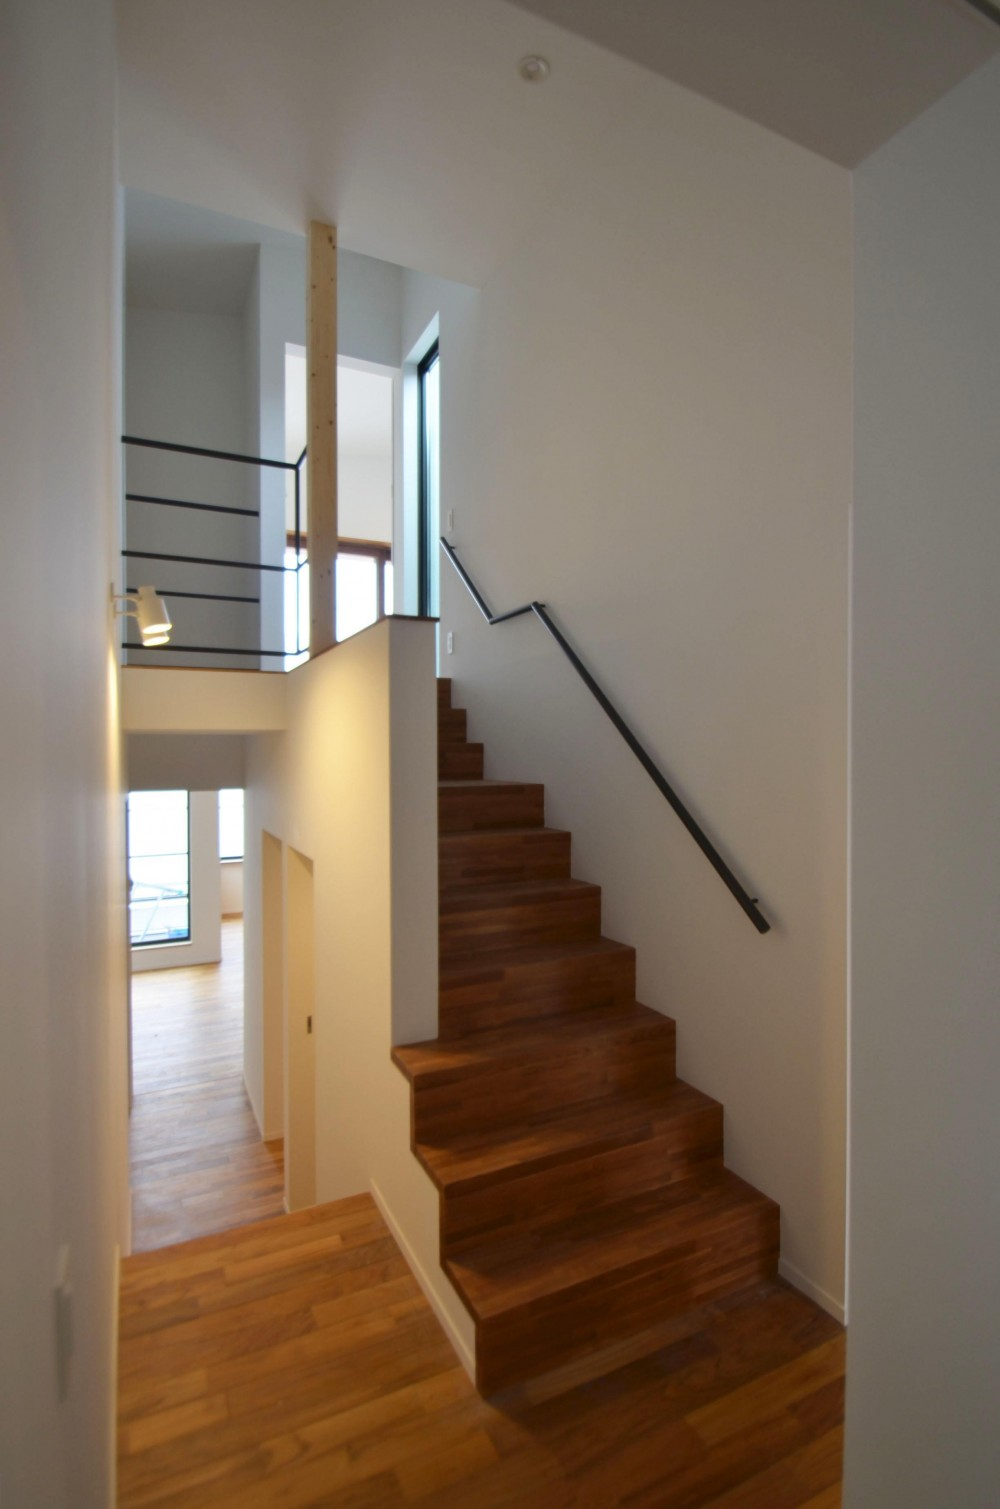 青葉台KM邸-都市公園の緑を借景とするスキップフロアの二世帯住宅- (スキップフロアの階段)